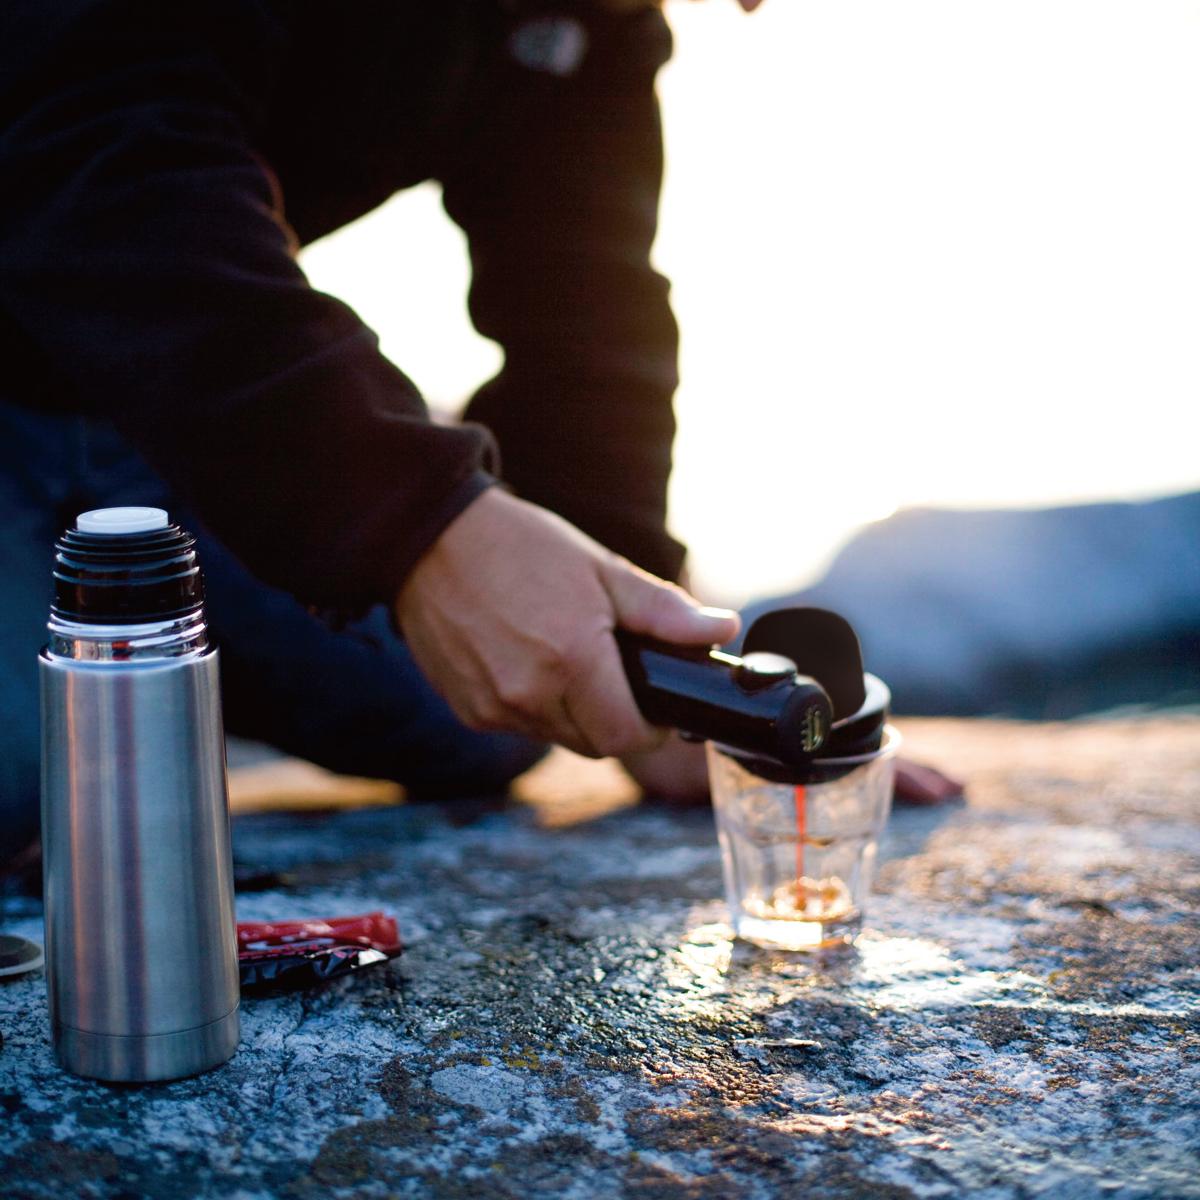 1分で抽出、本格エスプレッソでやる気チャージ!|【在庫限り】1分で抽出、深い味と香りでやる気チャージ!小型&非電化のエスプレッソメーカー|handpresso